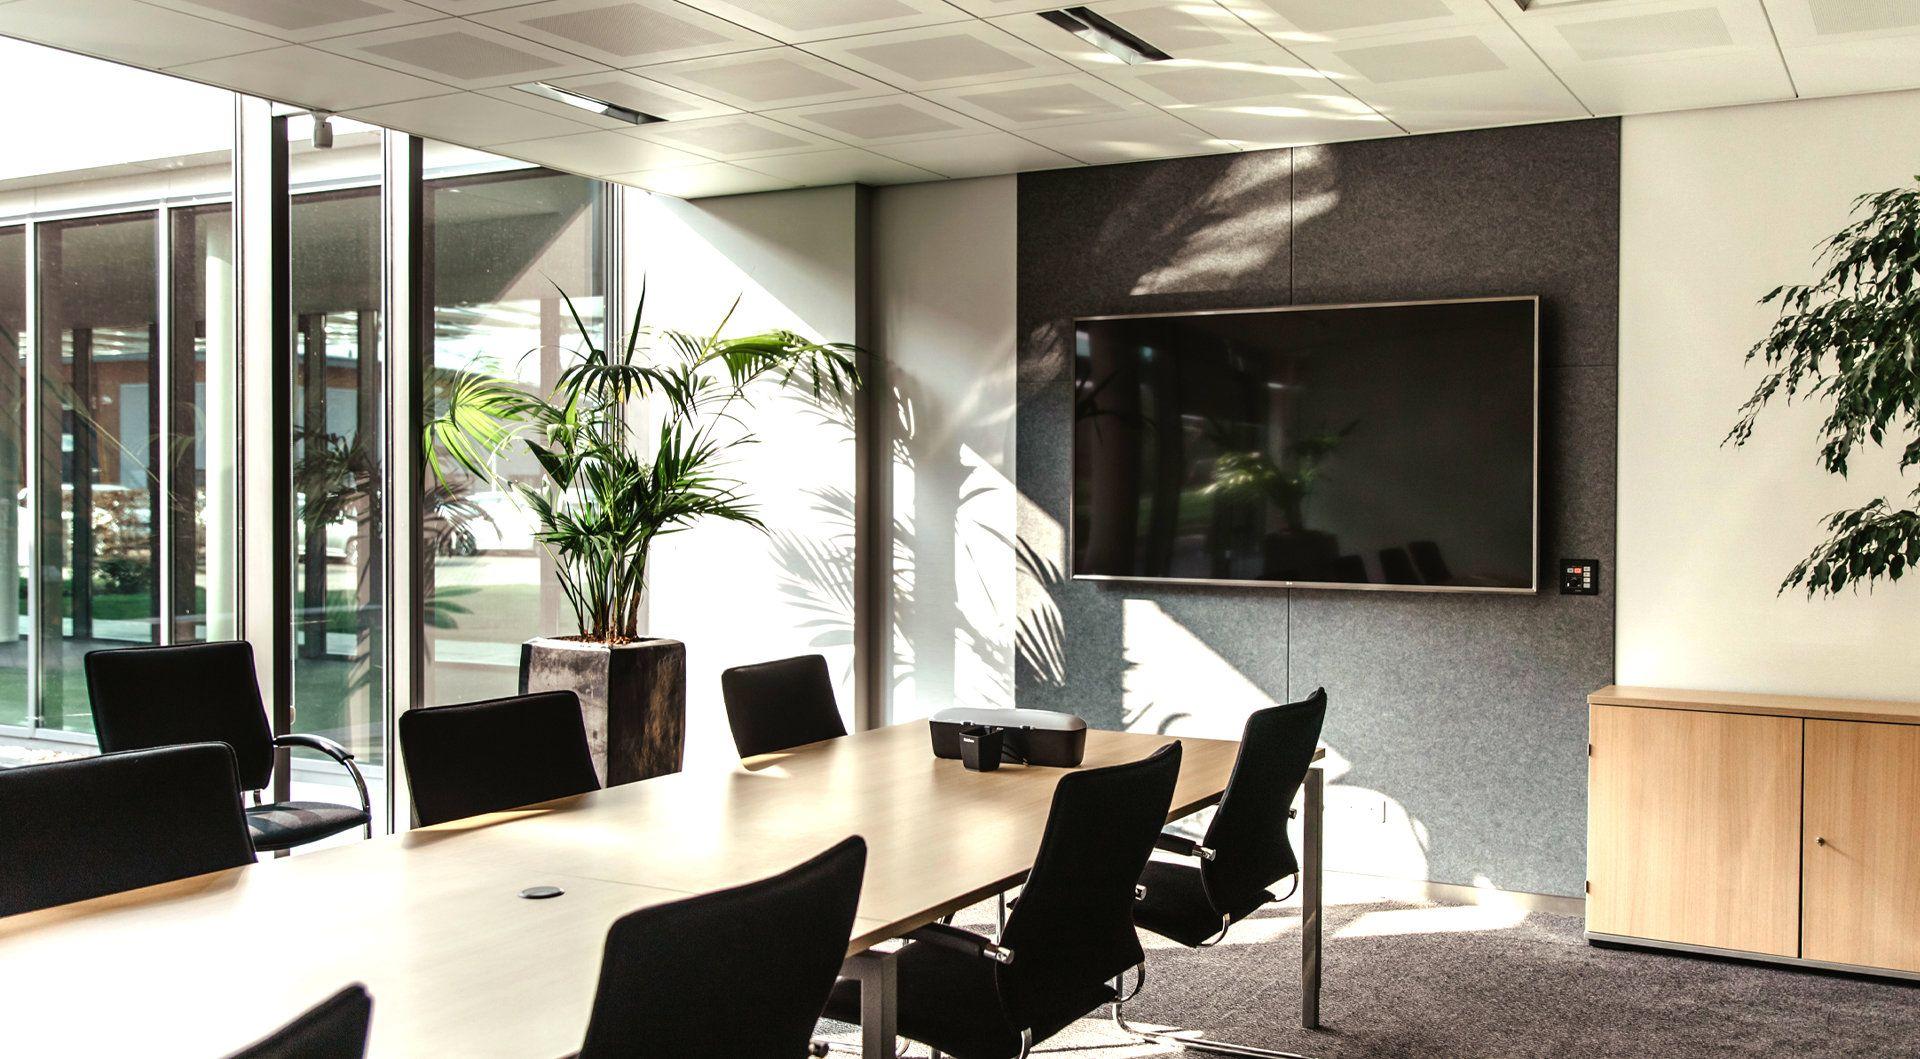 """Projecta HomeScreen Deluxe 191x296 projectiescherm 3,3 m (130"""") 16:10 - Case studie de vries"""